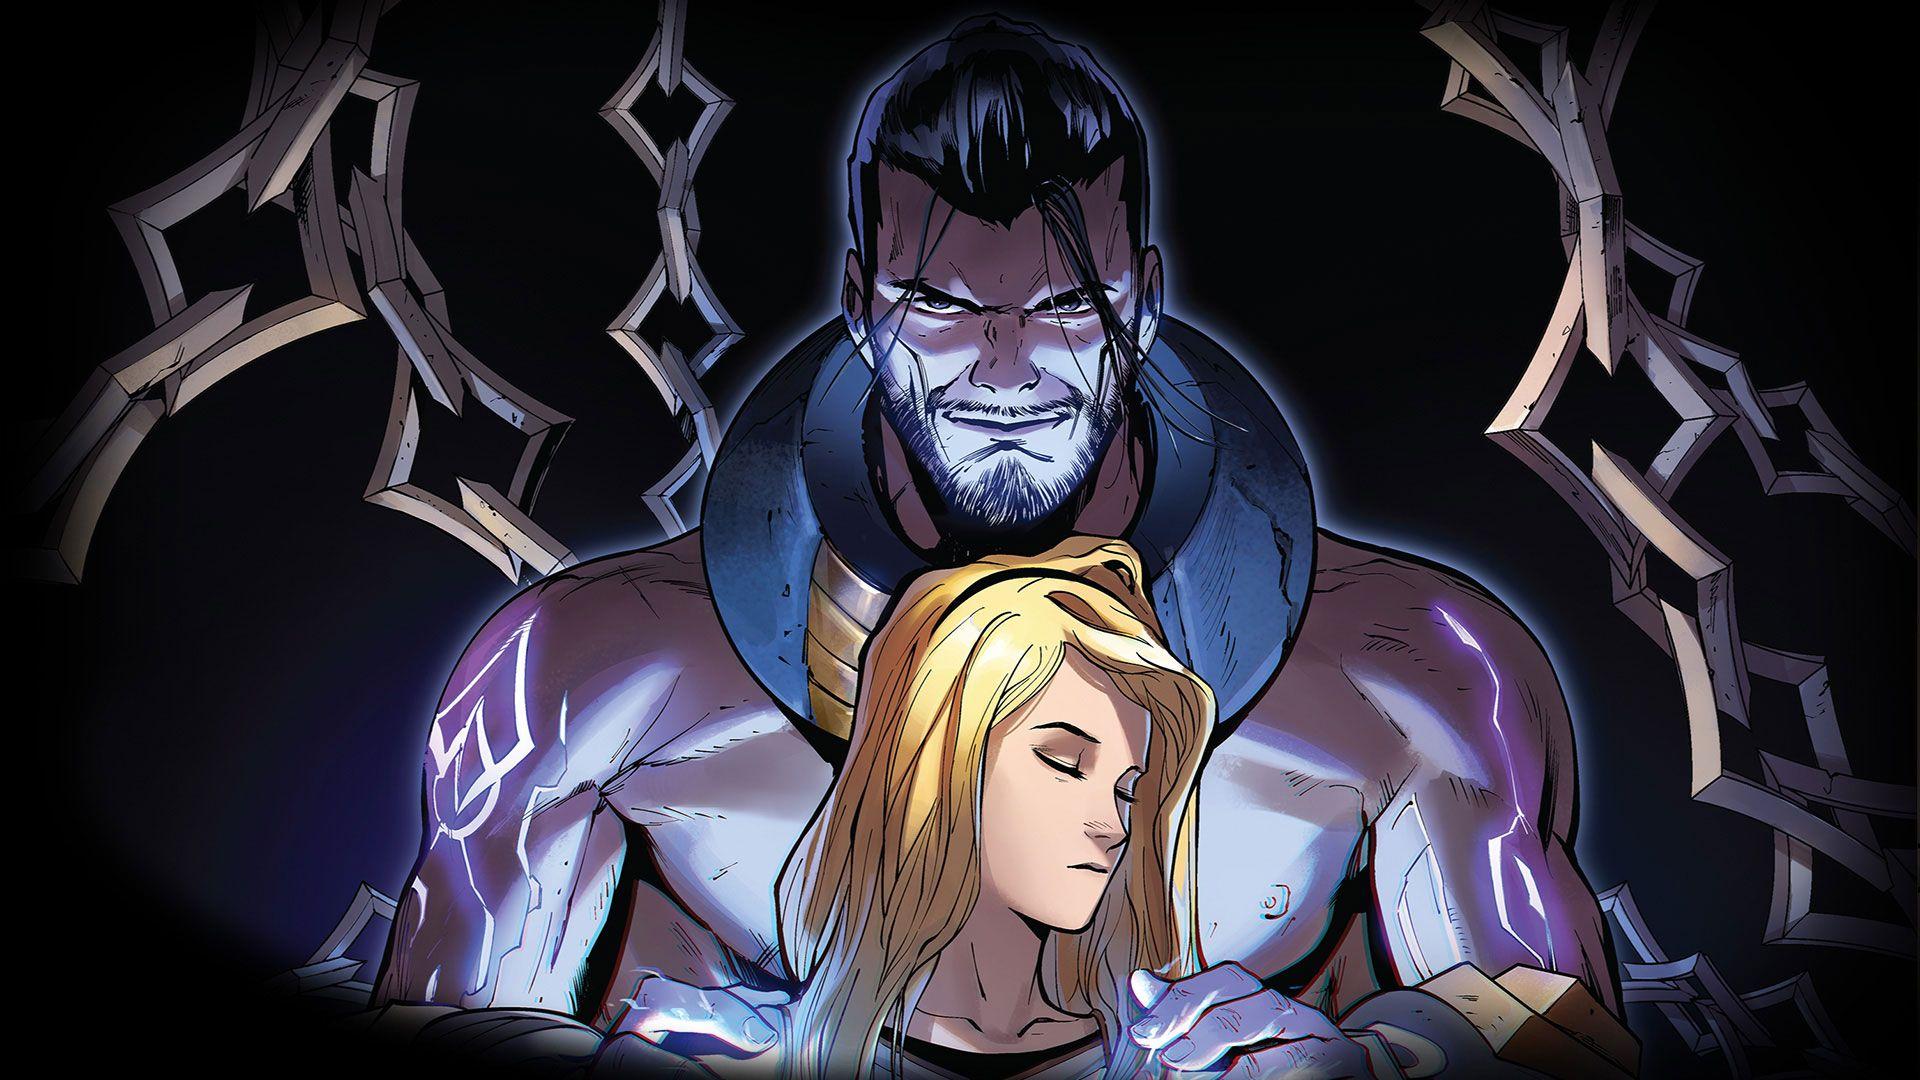 Foto de Lux, segundo cómic sobre la Dama Luminosa de Riot Games y